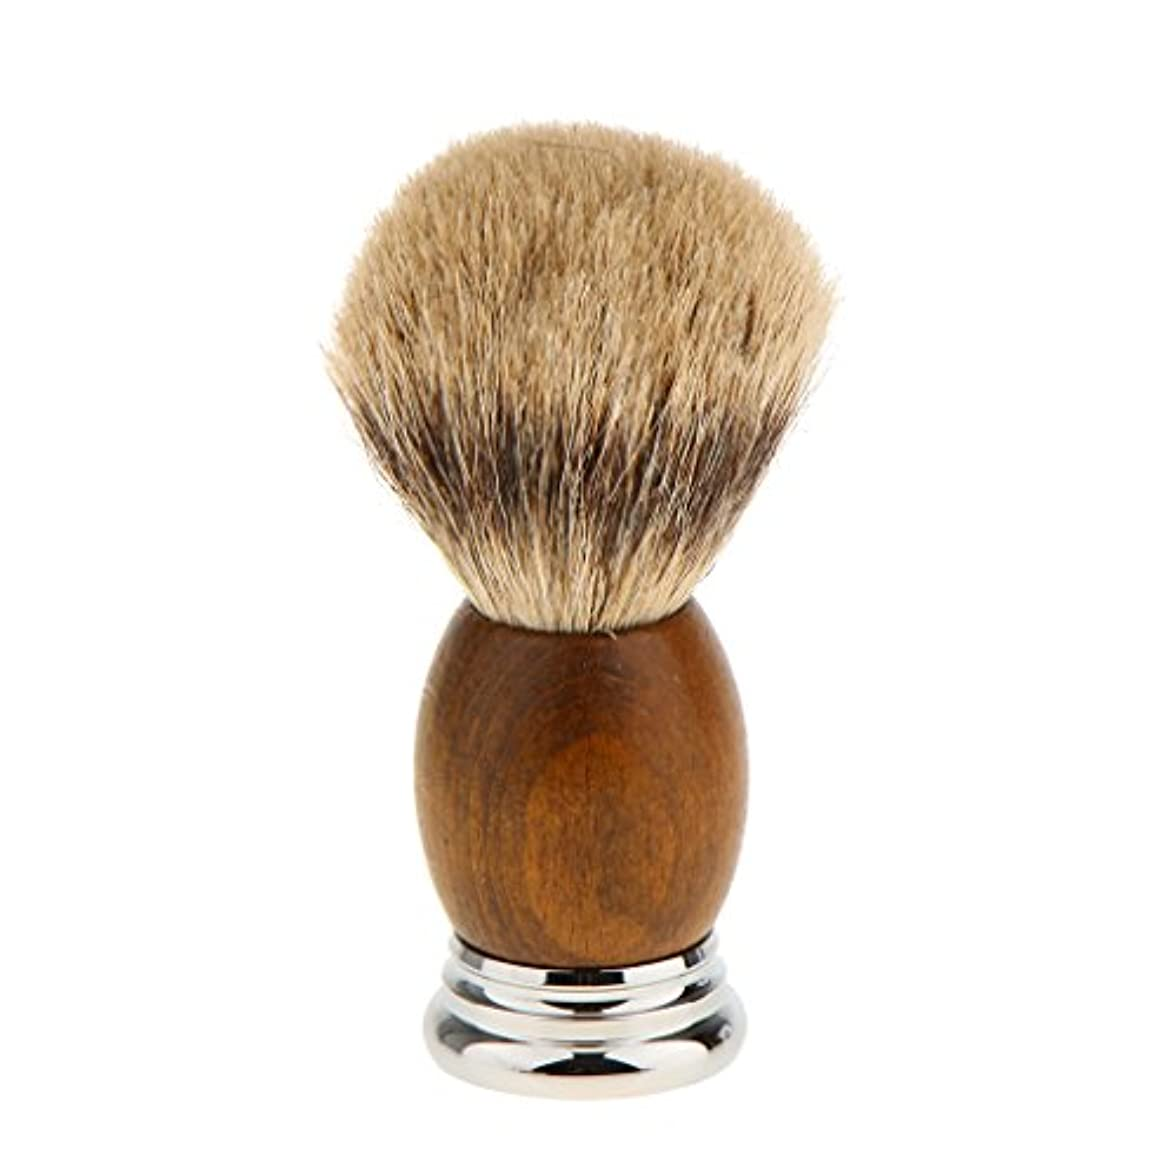 完全に乾く持参弱いLovoski 紳士 高密度 シェービングブラシ レトロ 木製ハンドル 髭剃り 泡立ち 洗顔ブラシ 父の日